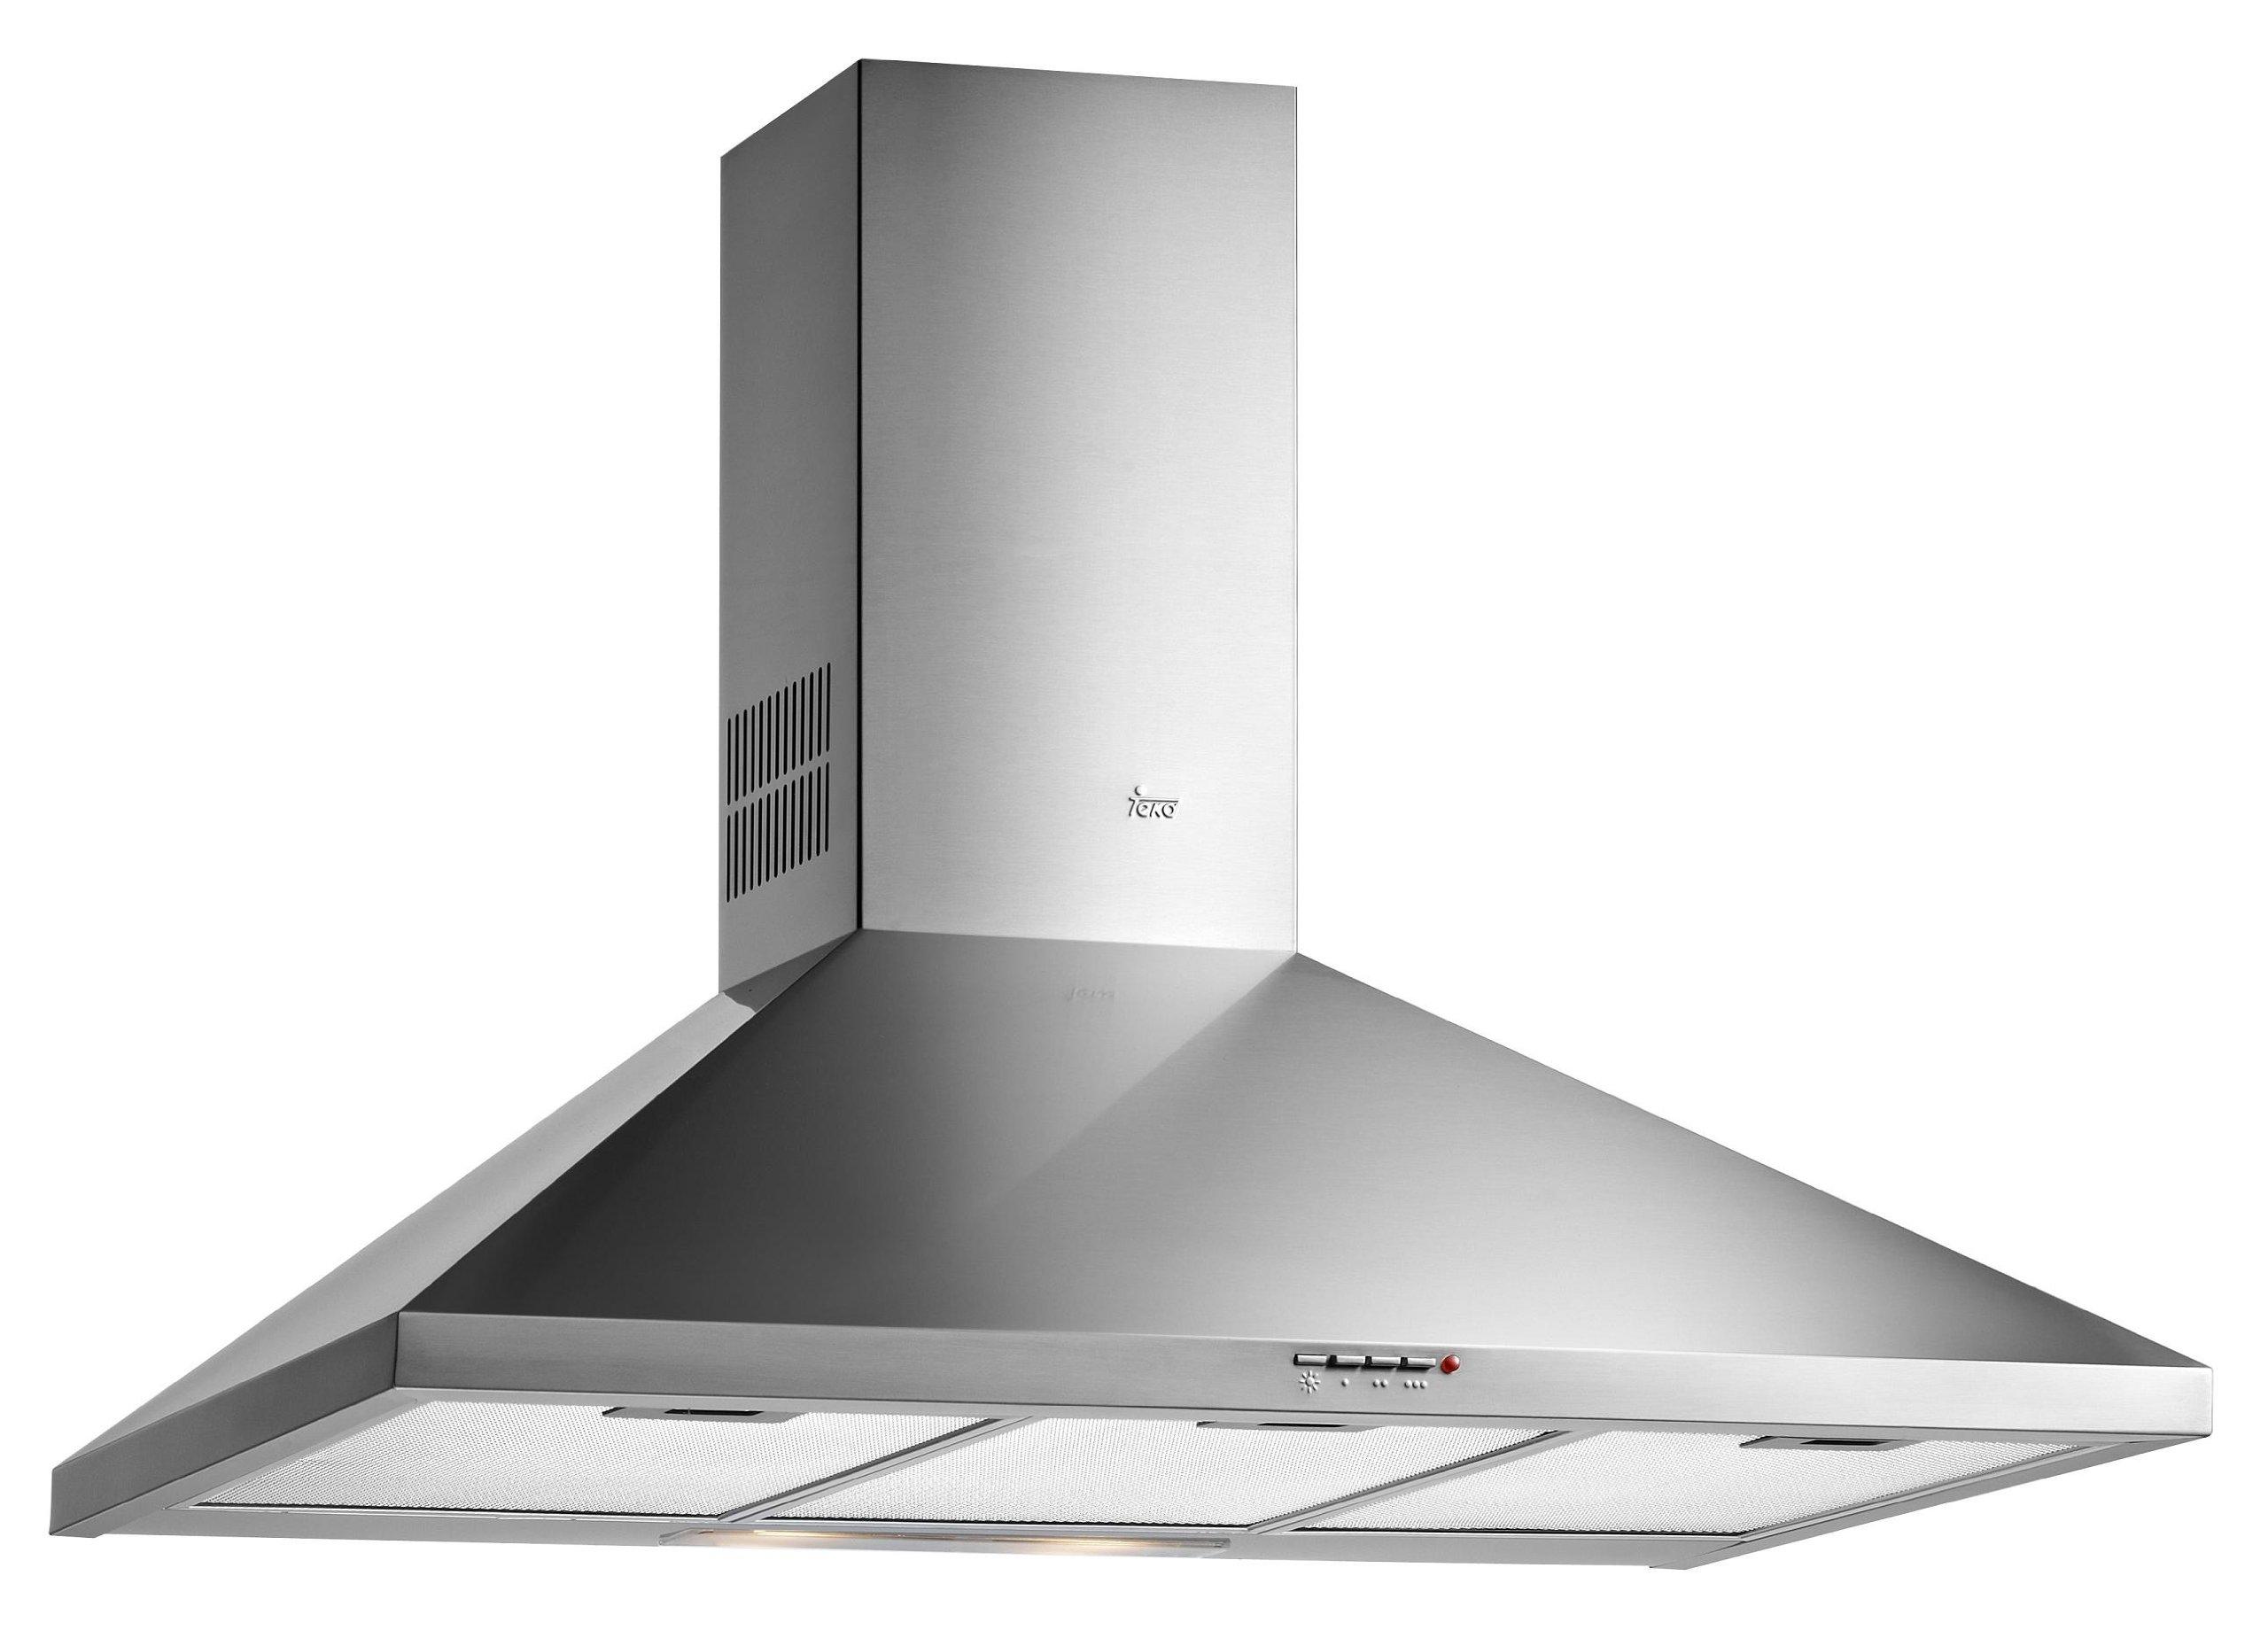 Teka DBB90I Campana DBB90X Decorativa INOX 90CMT E, Acero Inoxidable: Amazon.es: Grandes electrodomésticos